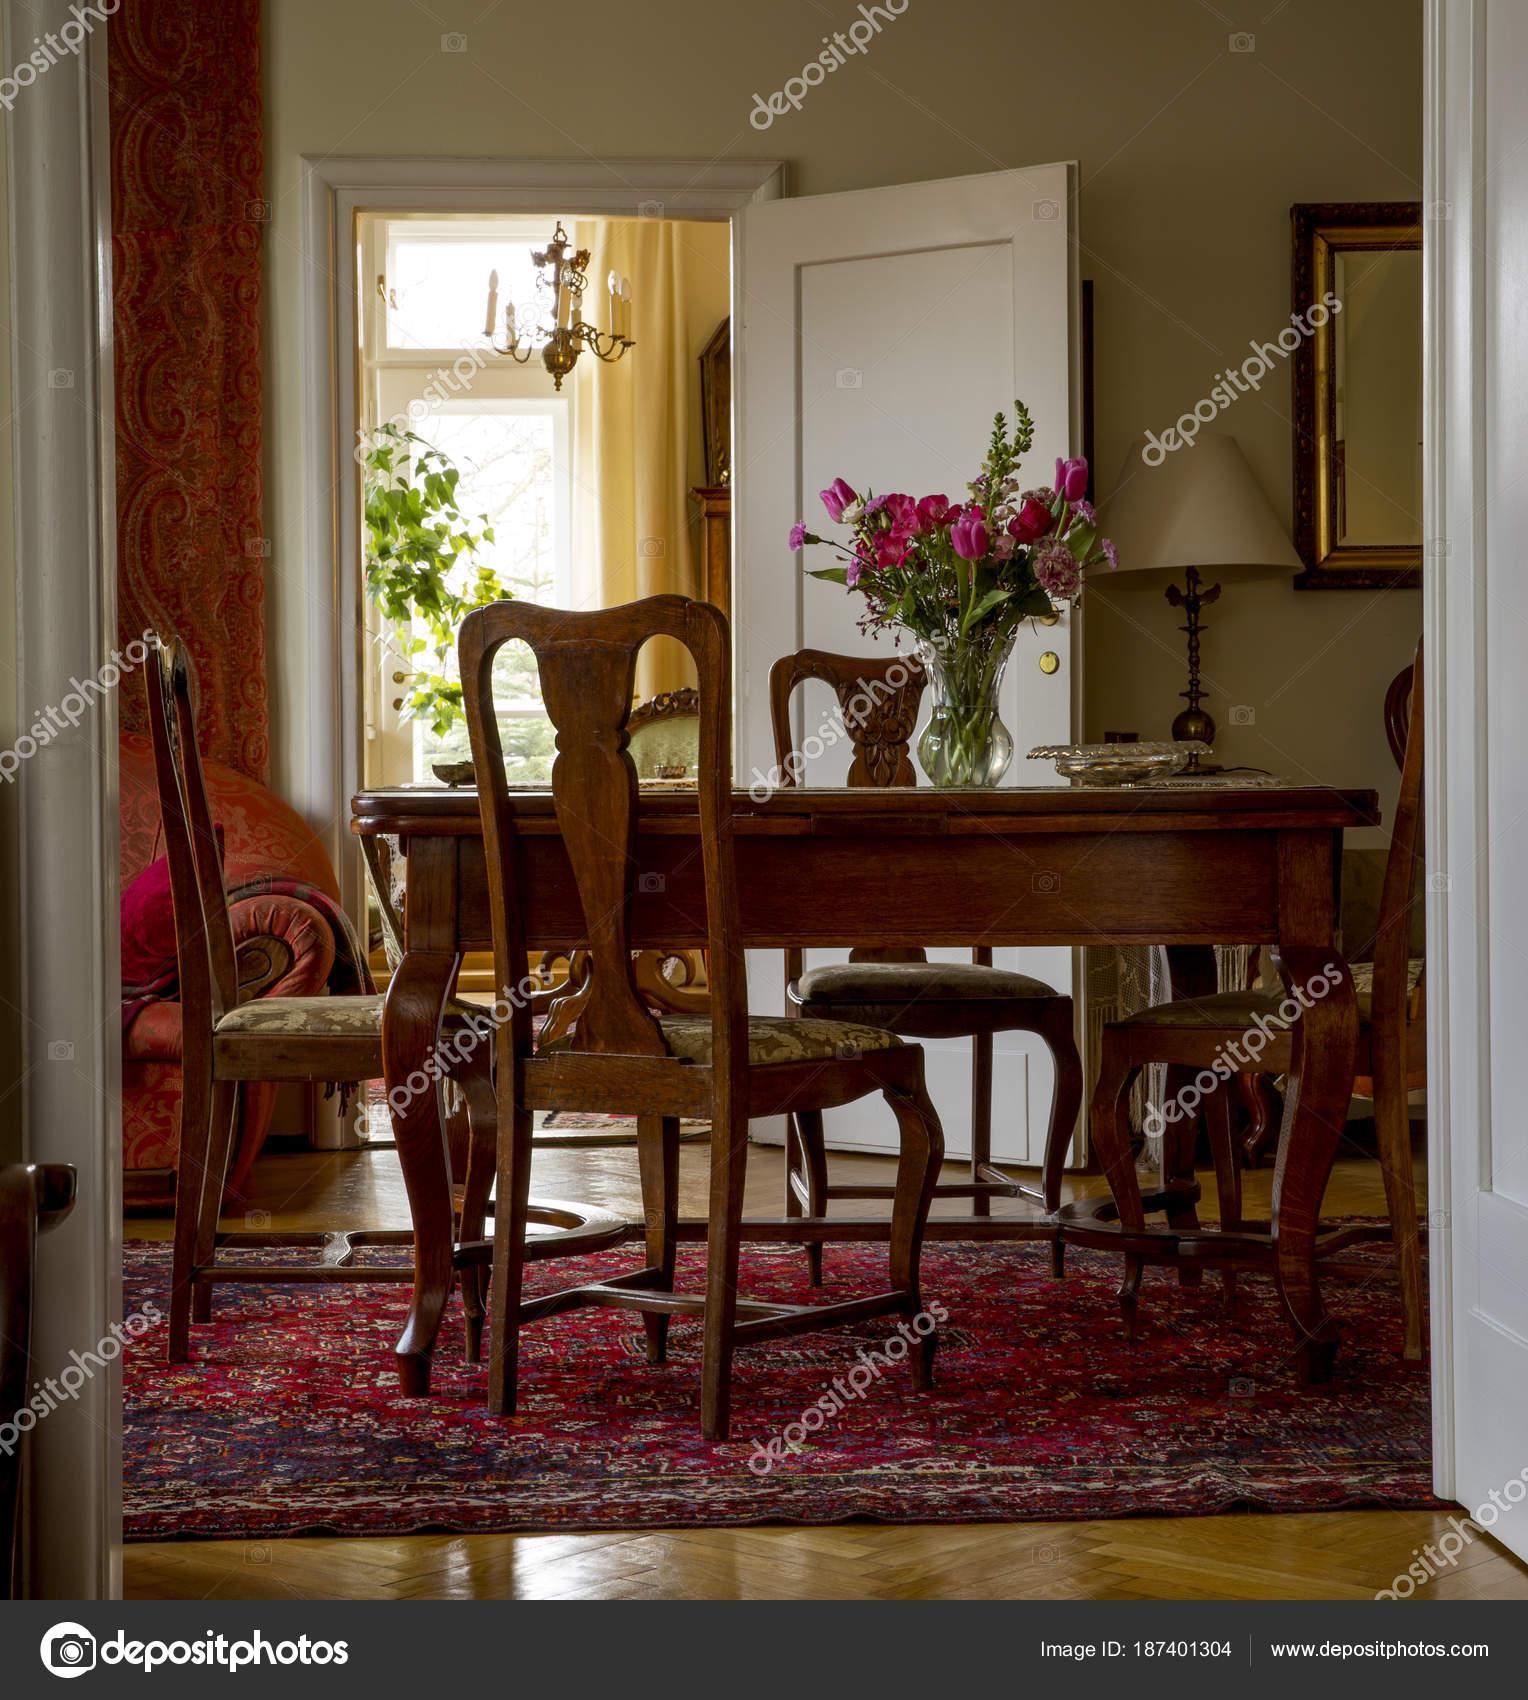 https://st3.depositphotos.com/3974695/18740/i/1600/depositphotos_187401304-stockafbeelding-ouderwetse-woonkamer-met-antieke-meubelen.jpg